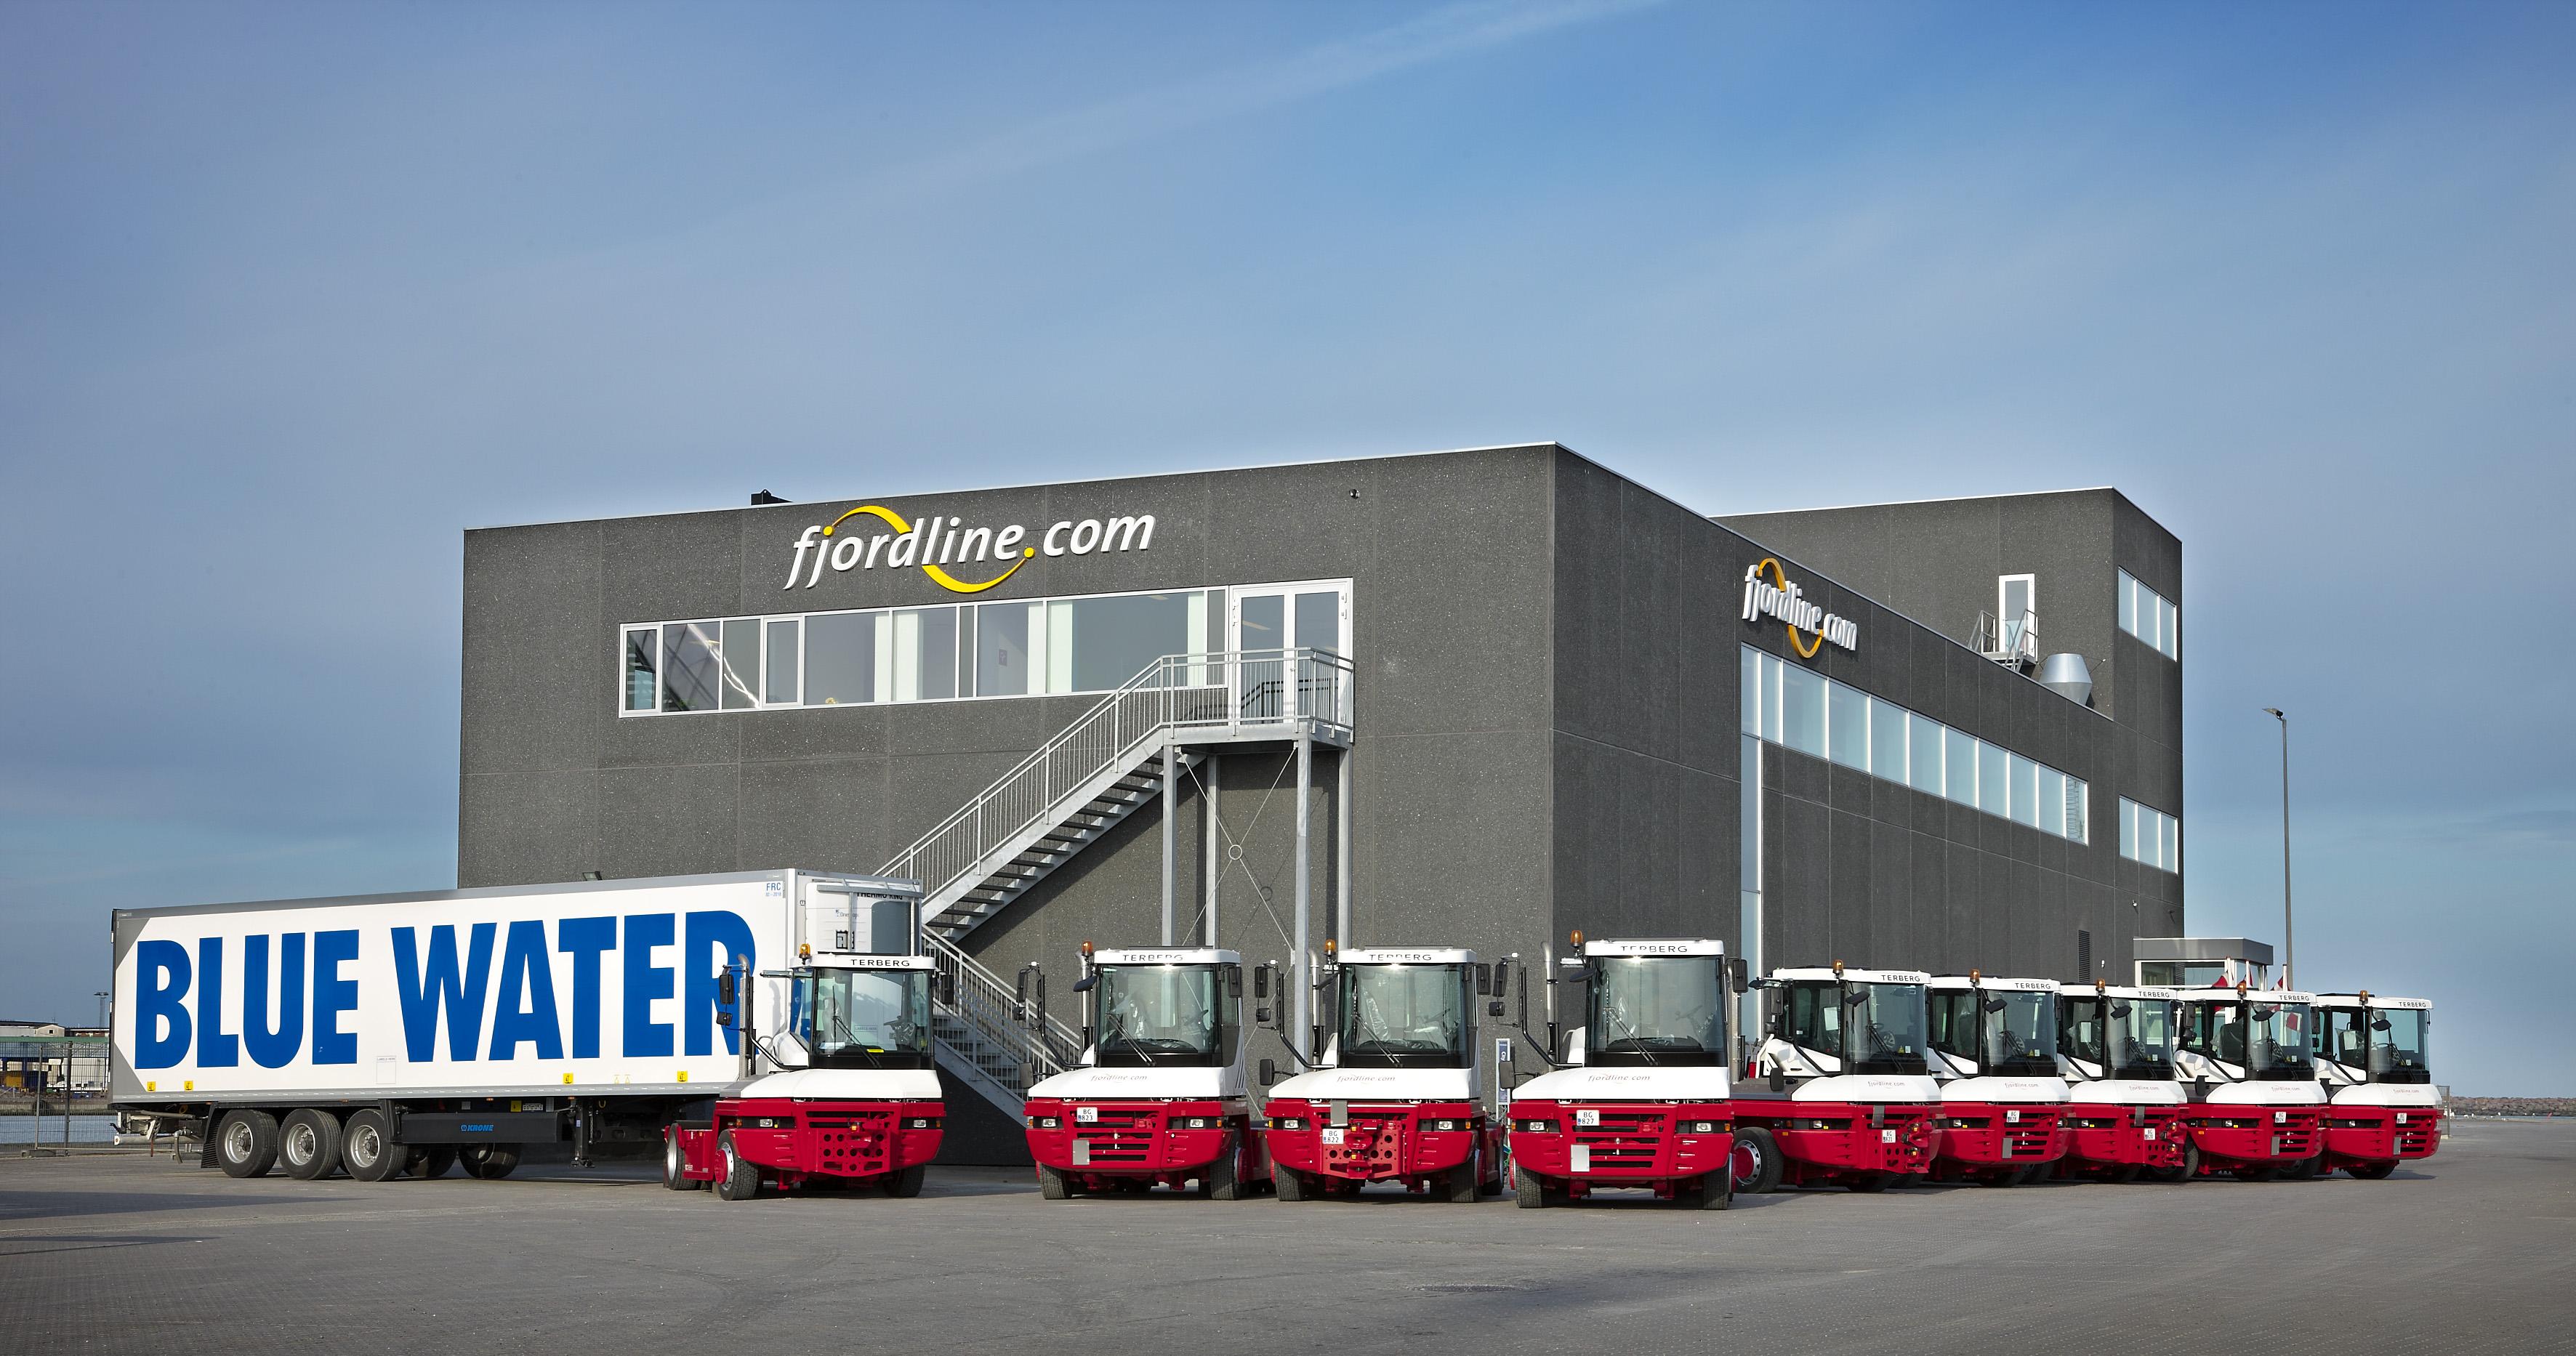 ТПАС поставило тягачи Terberg одному из крупнейших логистических операторов РФ